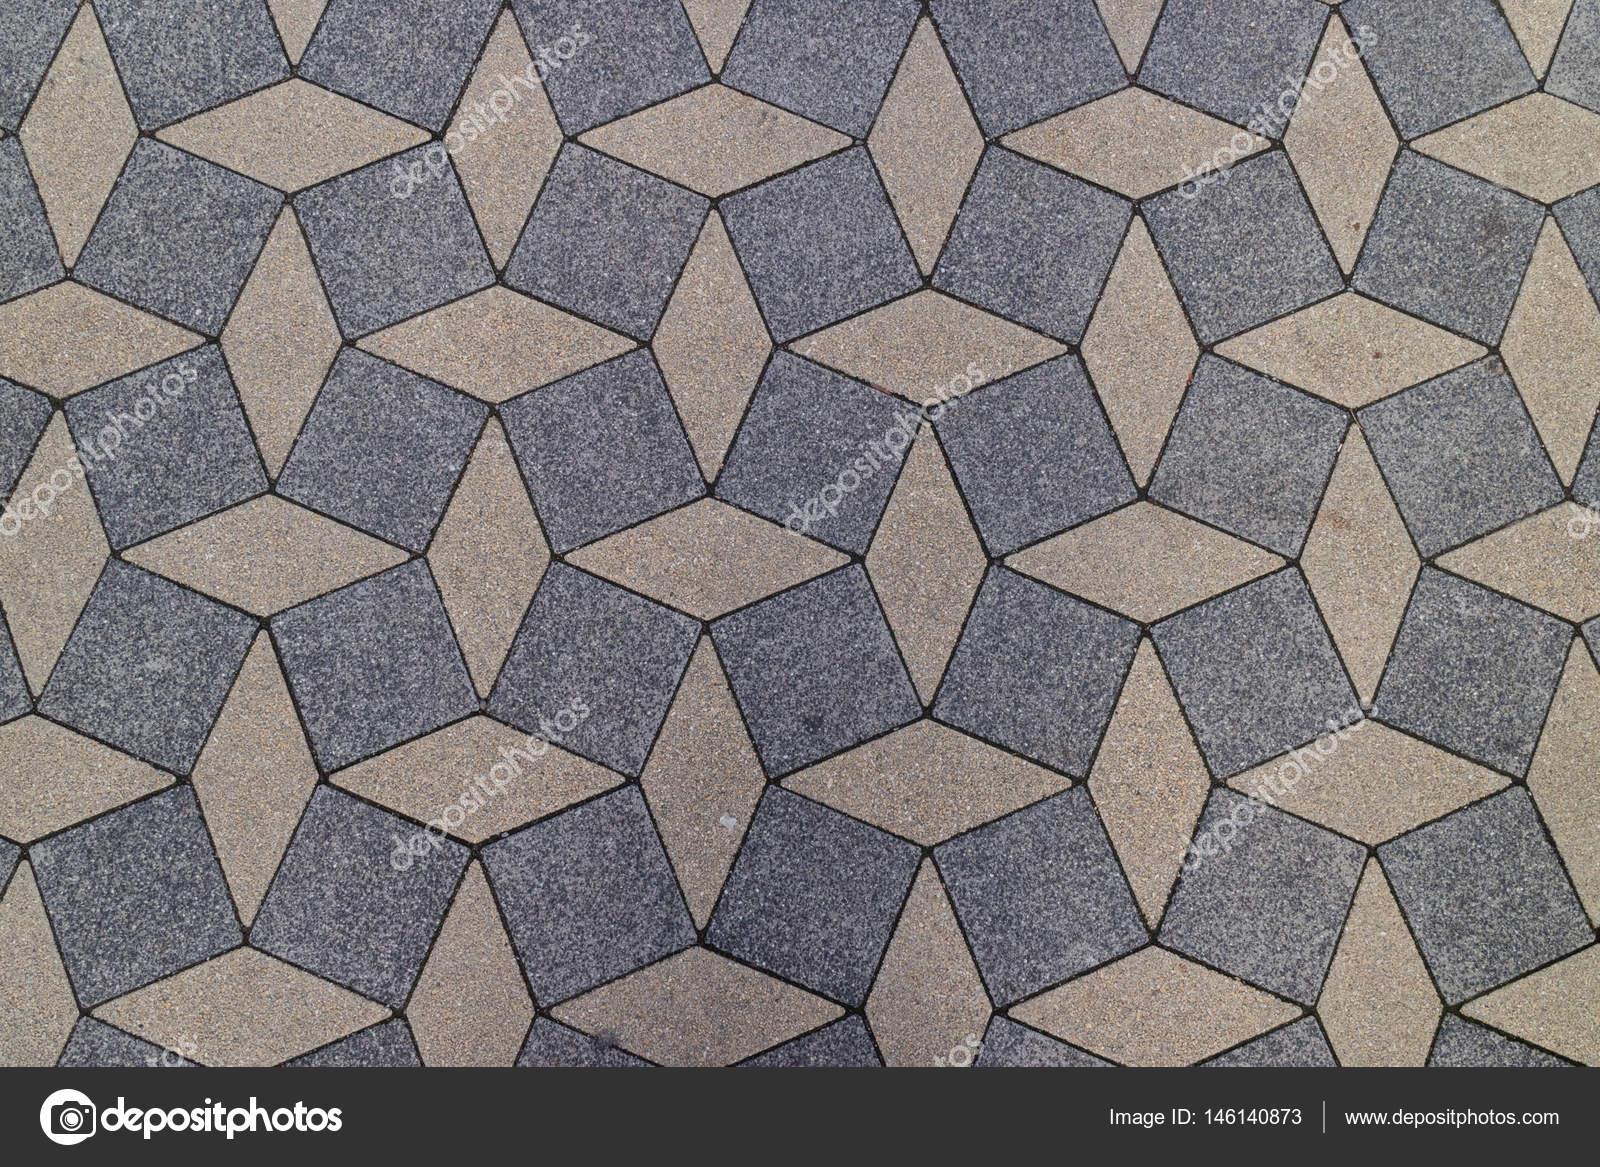 pflastersteine im muster stockfoto - Pflastersteine Muster Bilder